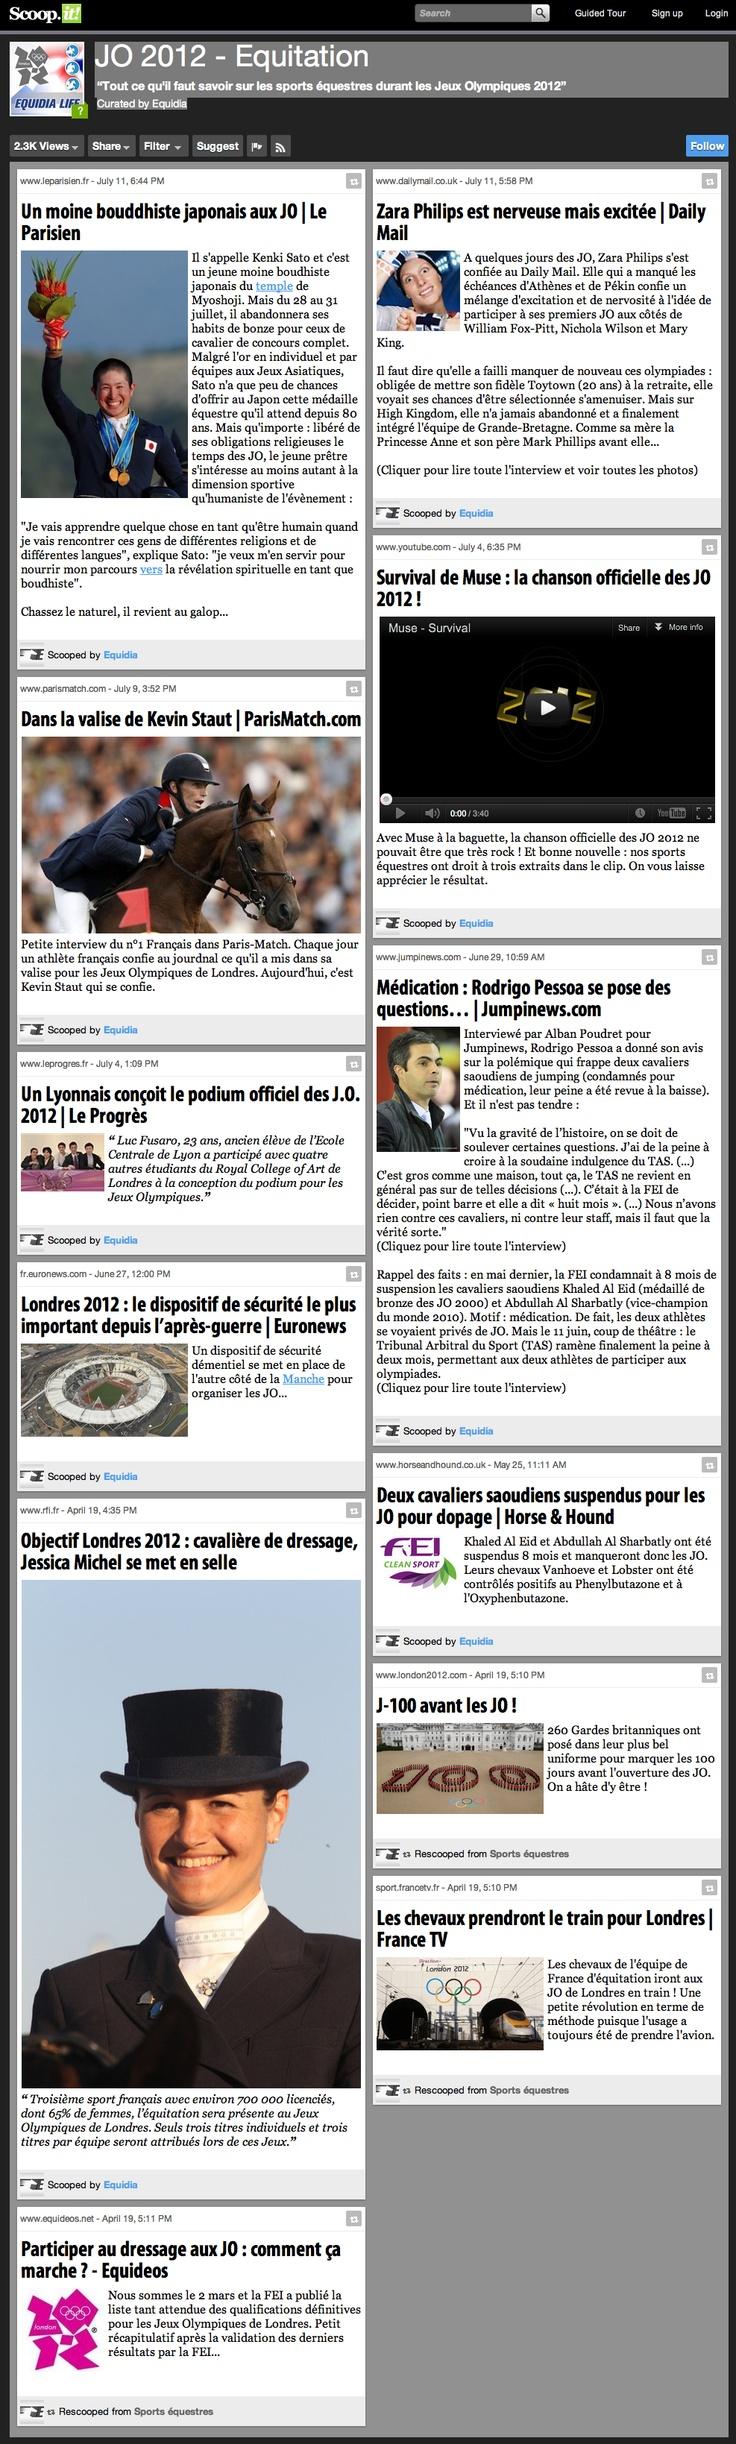 """Revue de presse des JO sur Scoopit ! : JO 2012 - Equitation"""" Tout ce qu'il faut savoir sur les sports équestres durant les Jeux Olympiques 2012"""" Curated by Equidia"""